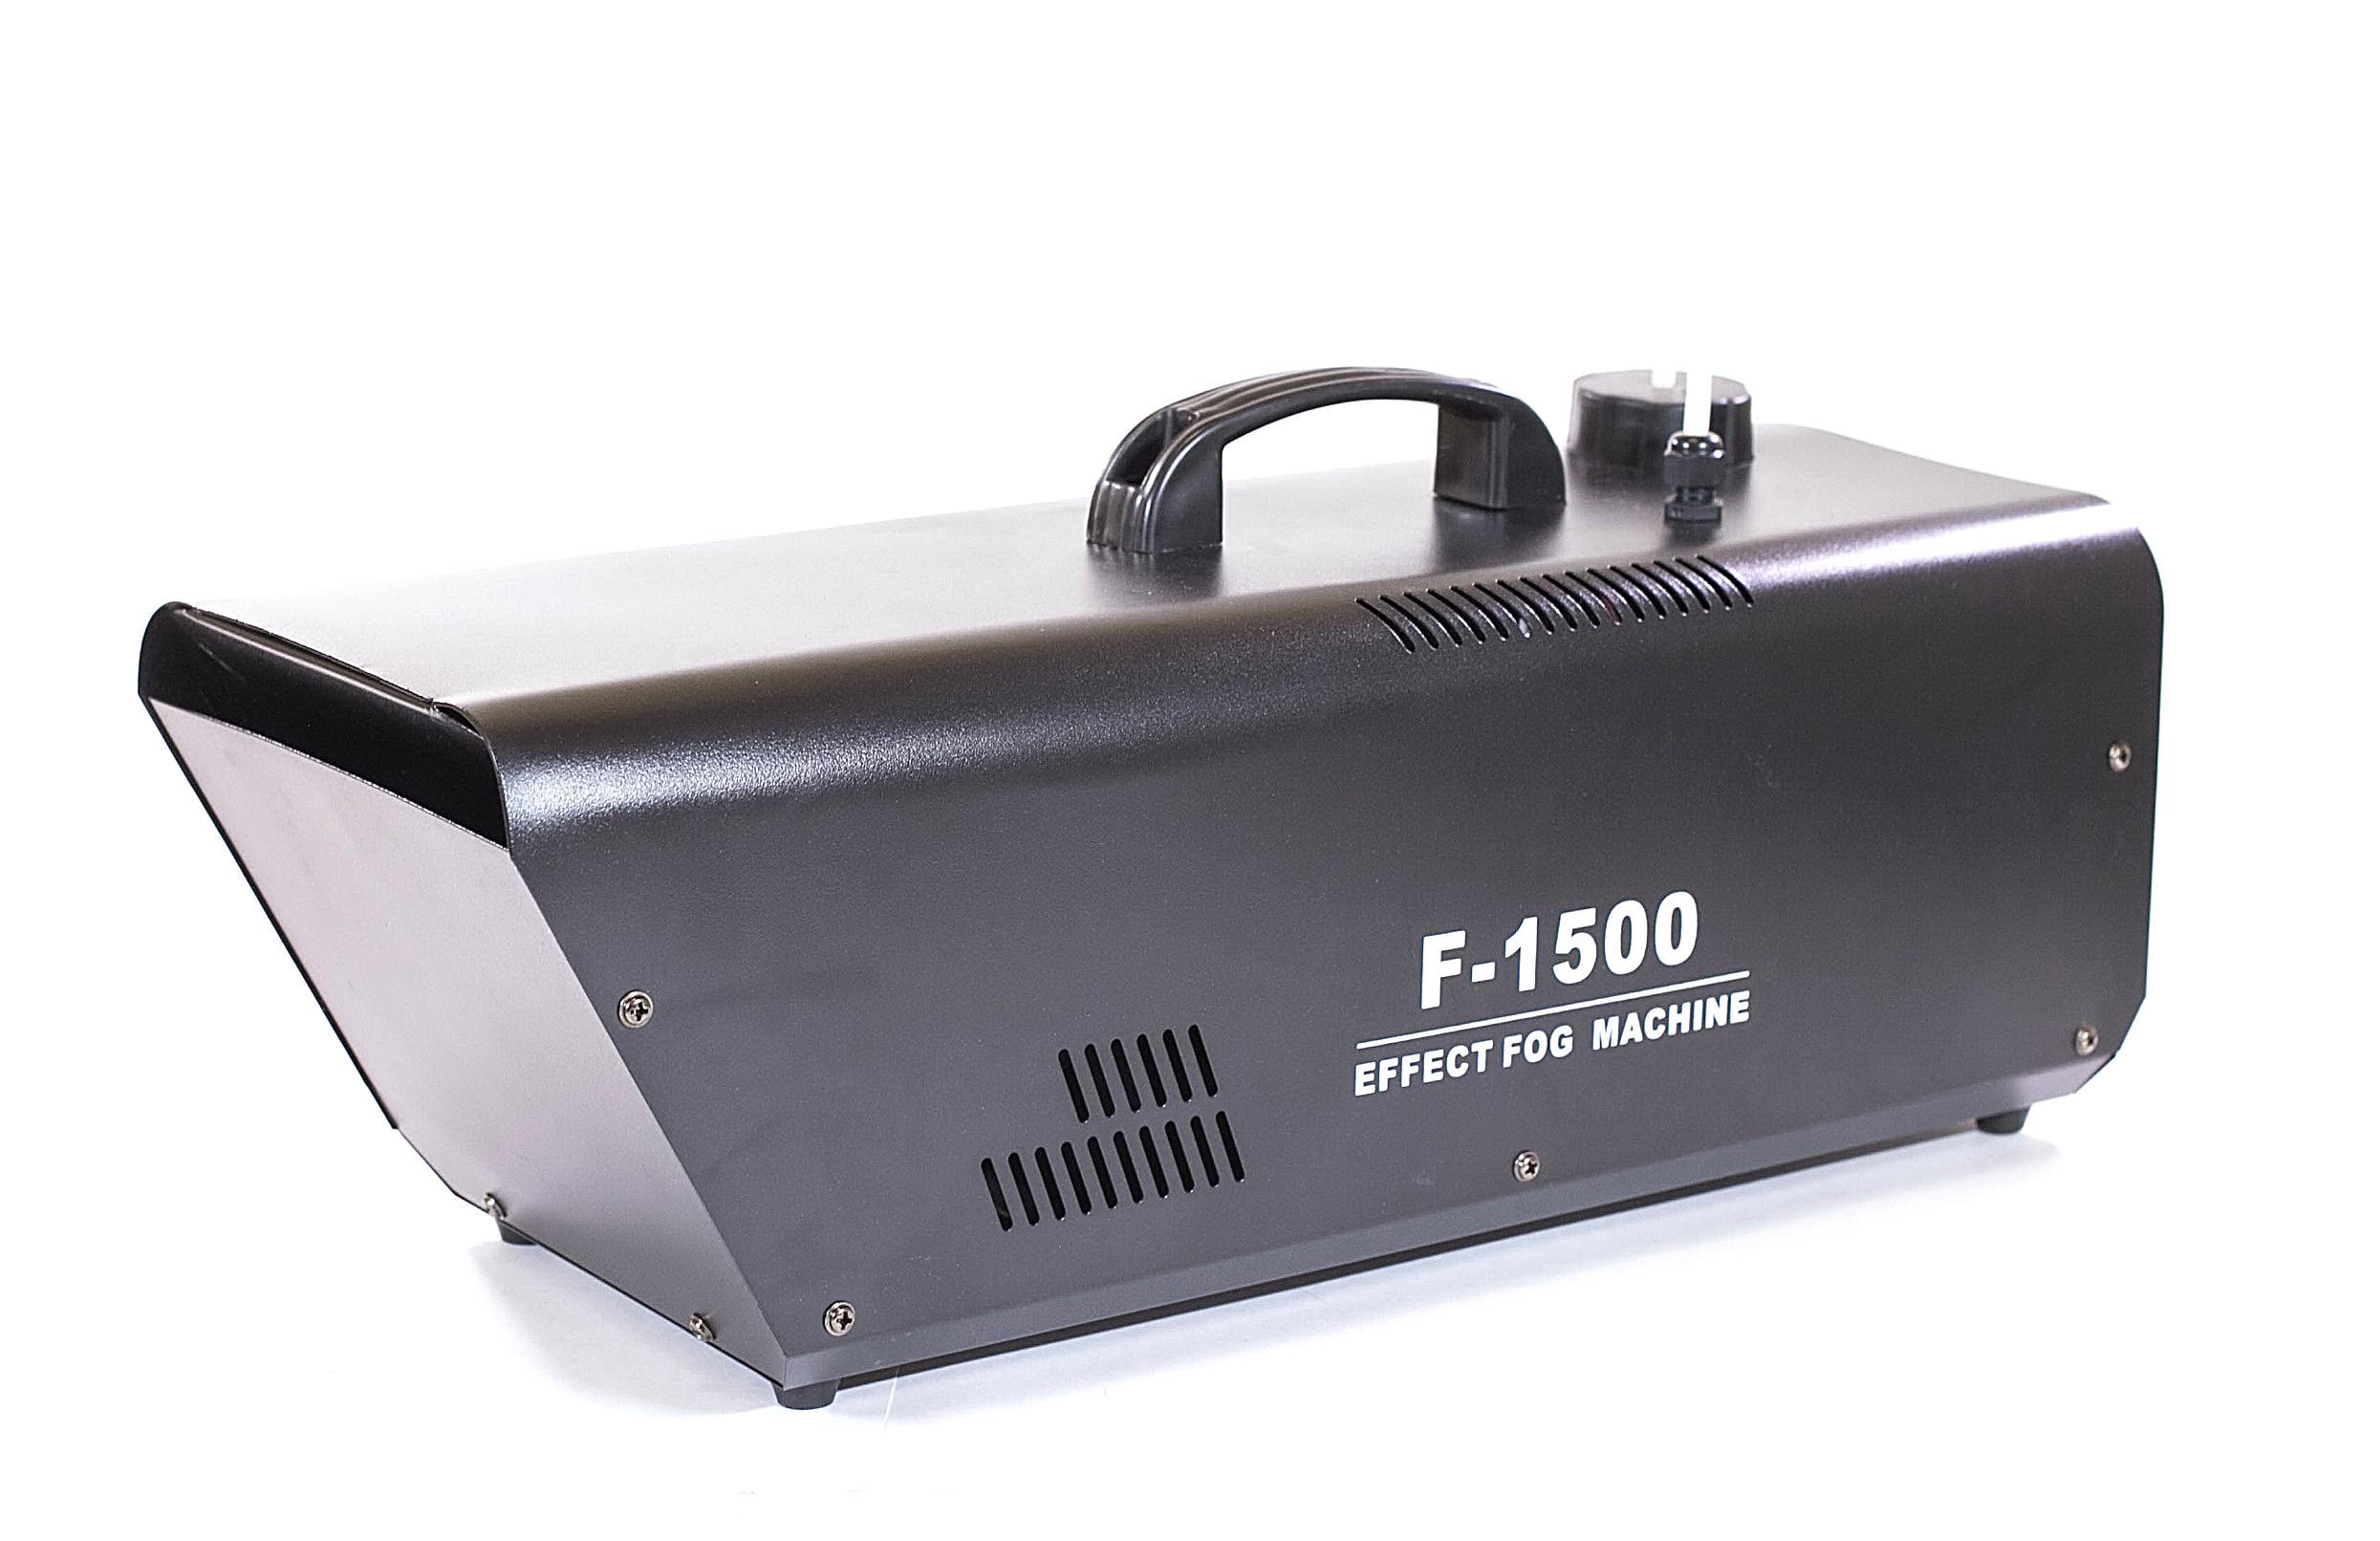 MS-F05 Haze 1200W